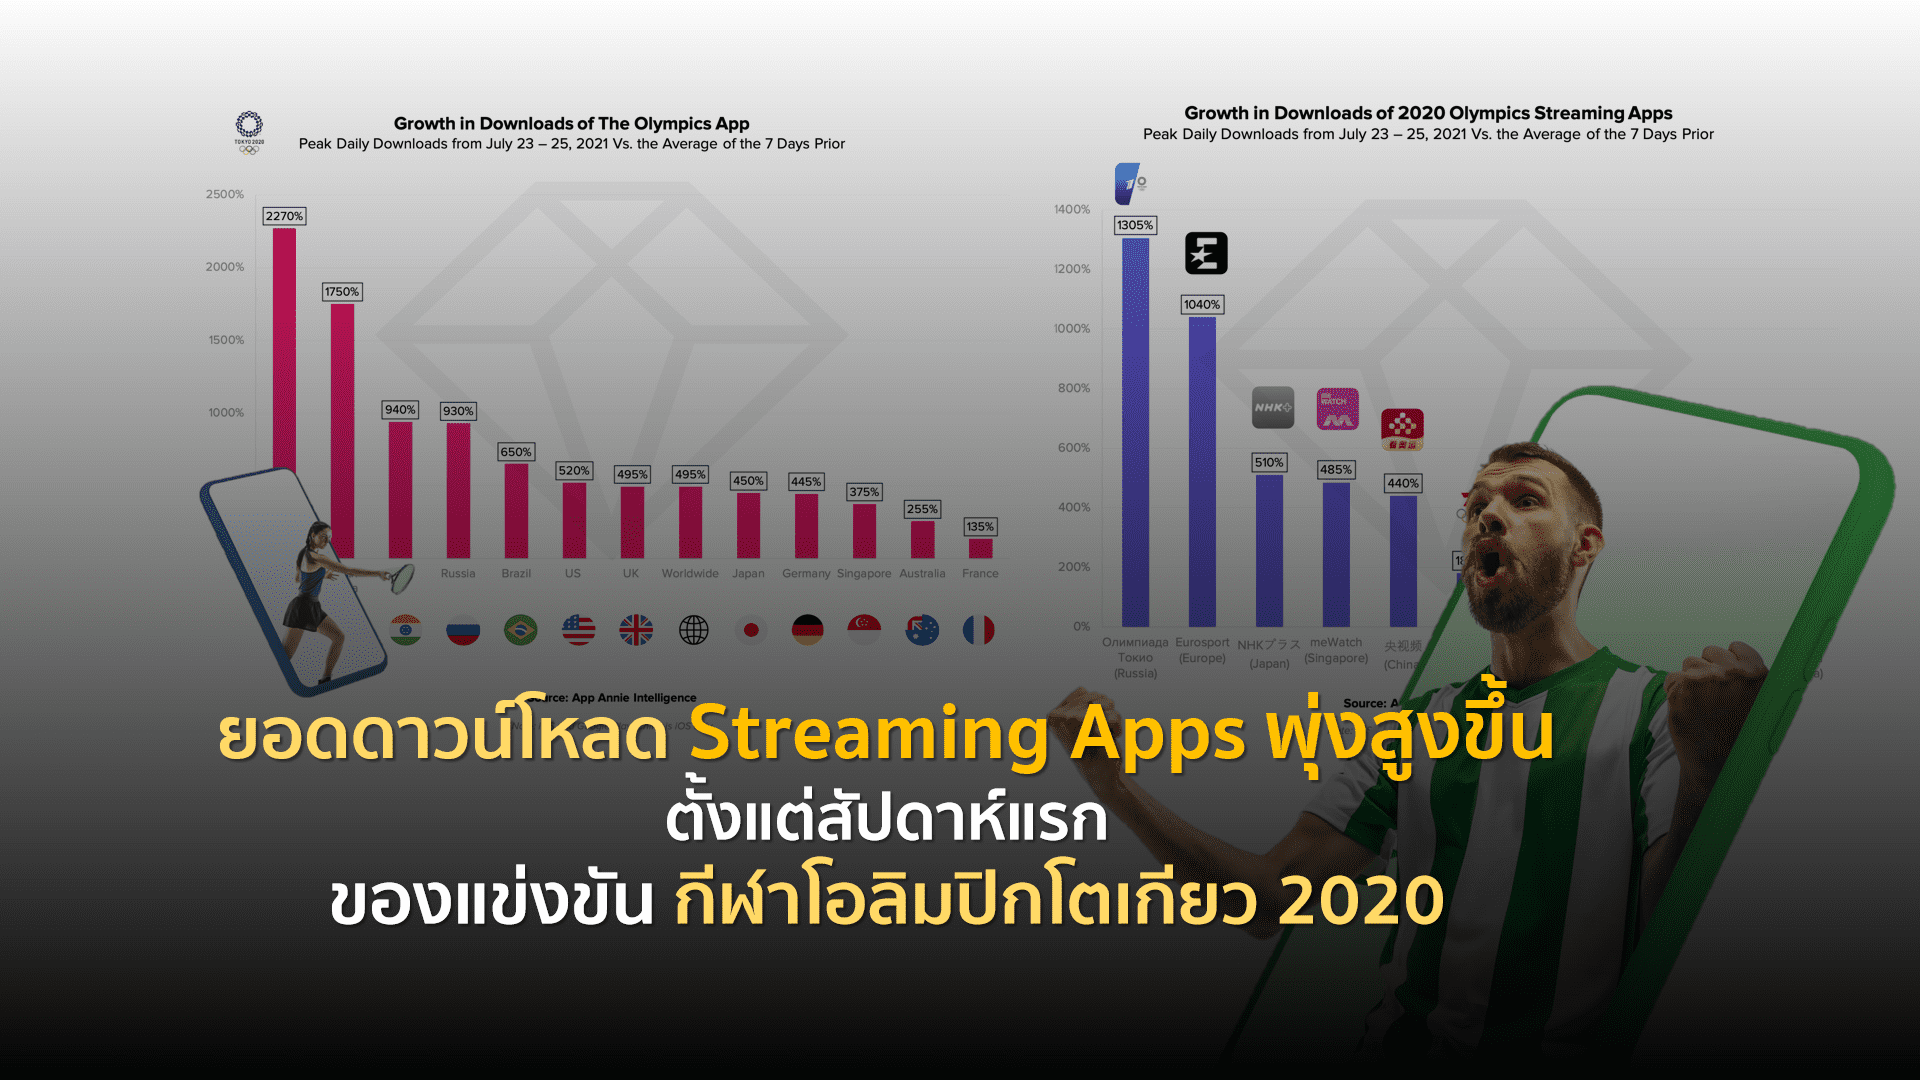 โอลิมปิกโตเกียว 2020 ทำยอดดาวน์โหลด Streaming Apps พุ่งสูงขึ้น